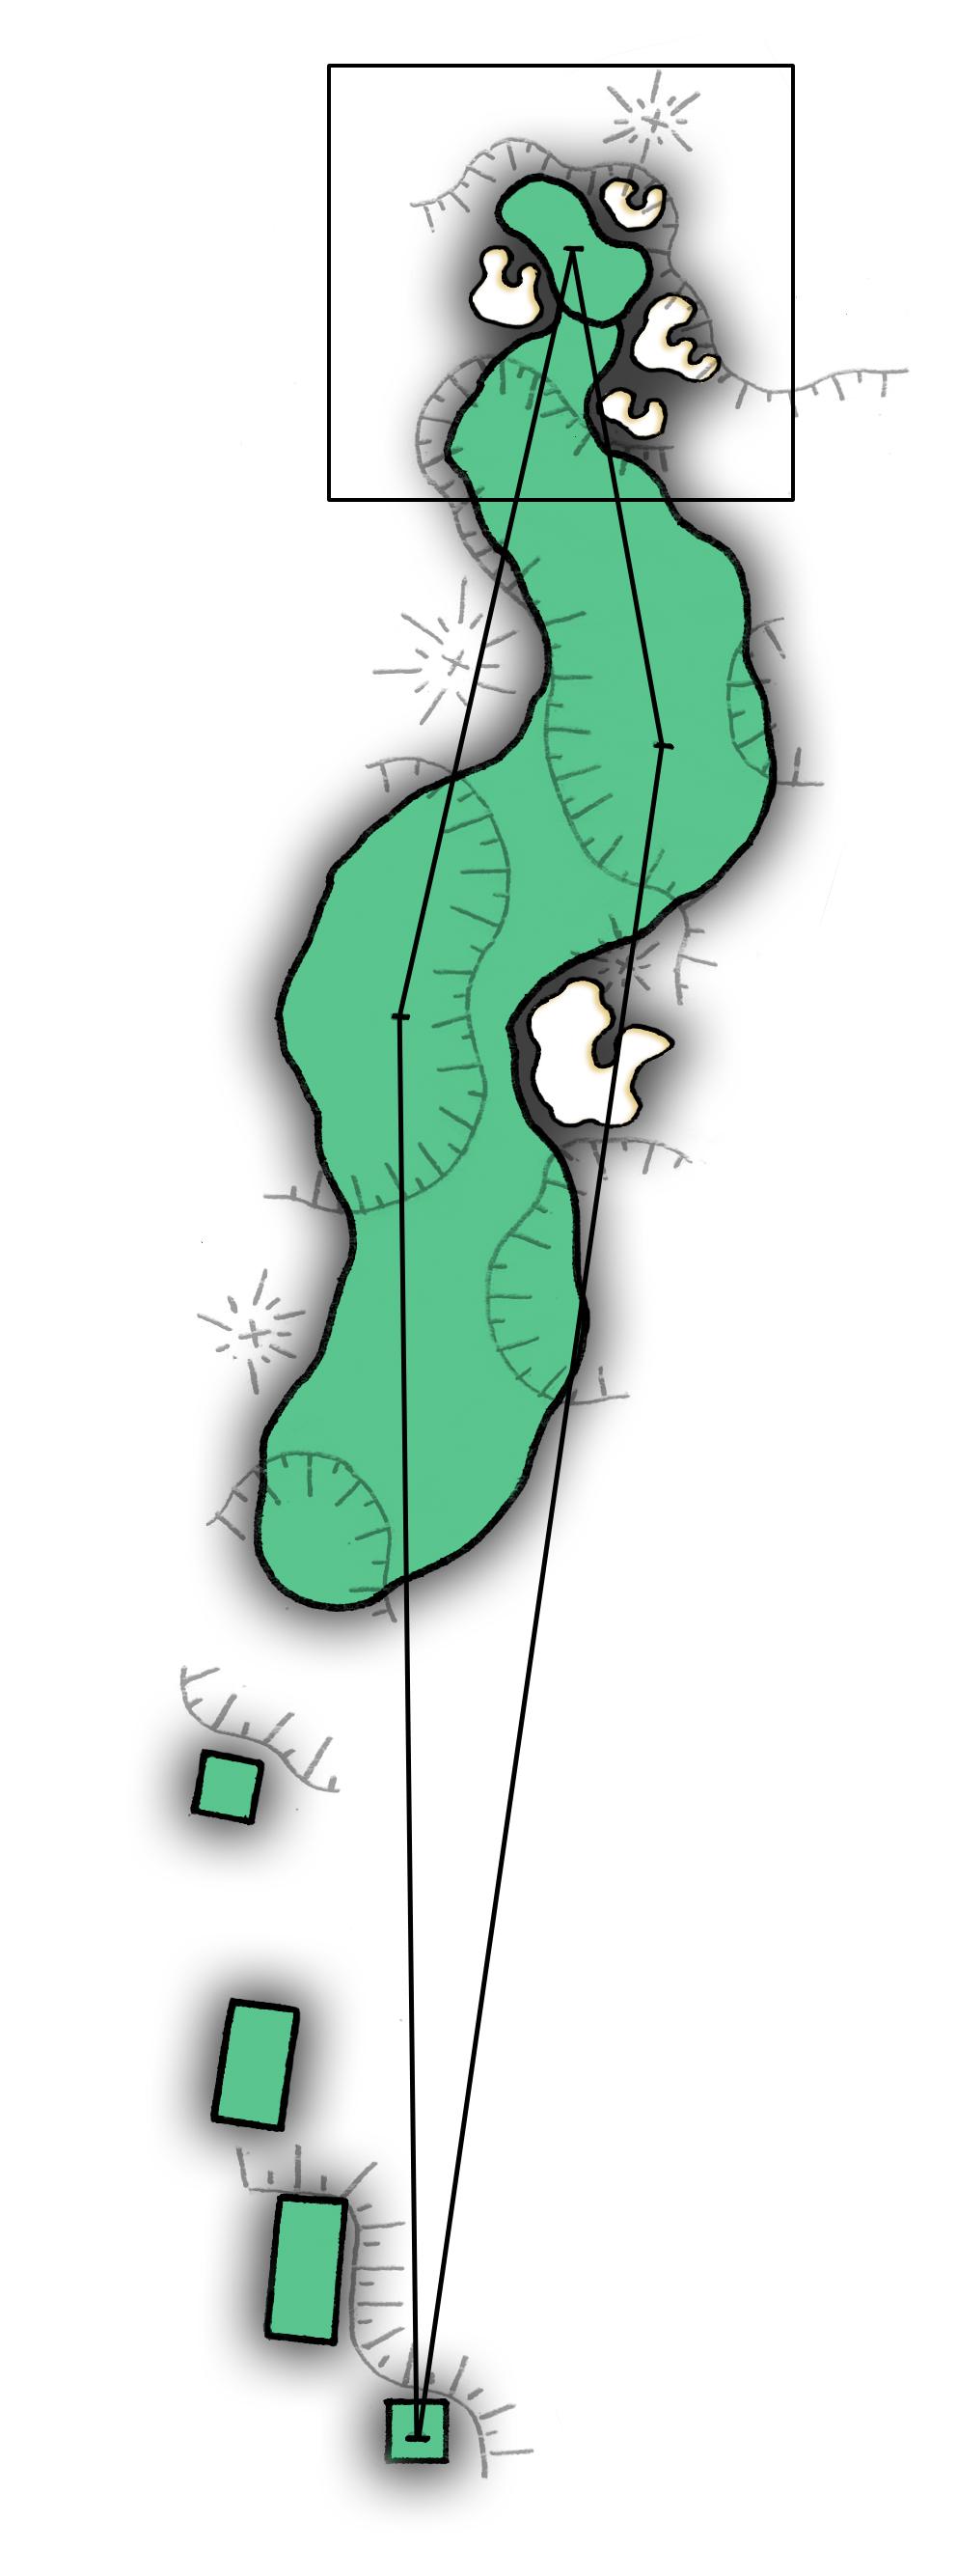 Hole concept